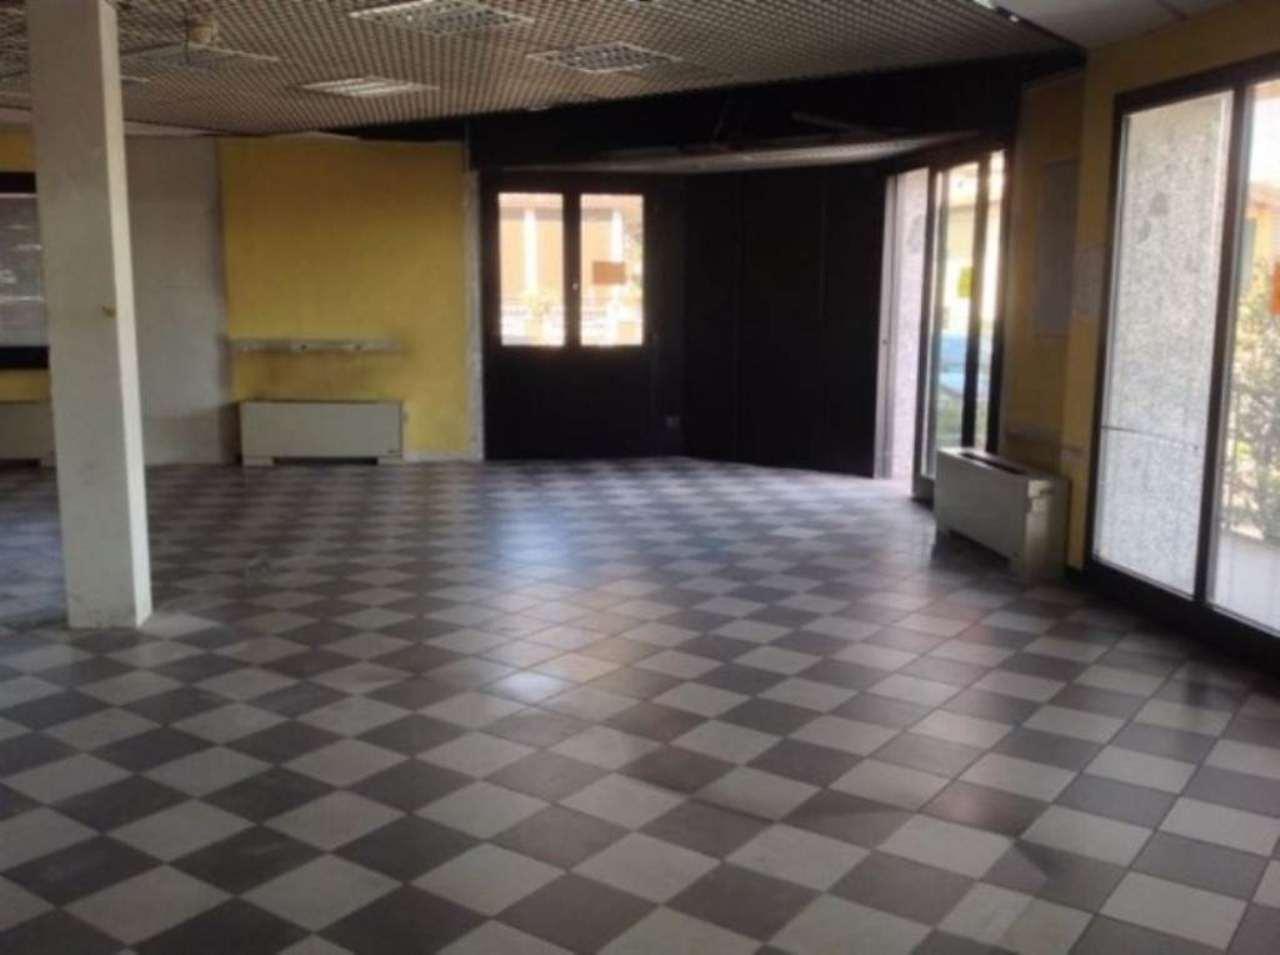 Negozio / Locale in vendita a Castegnato, 3 locali, prezzo € 320.000 | Cambio Casa.it